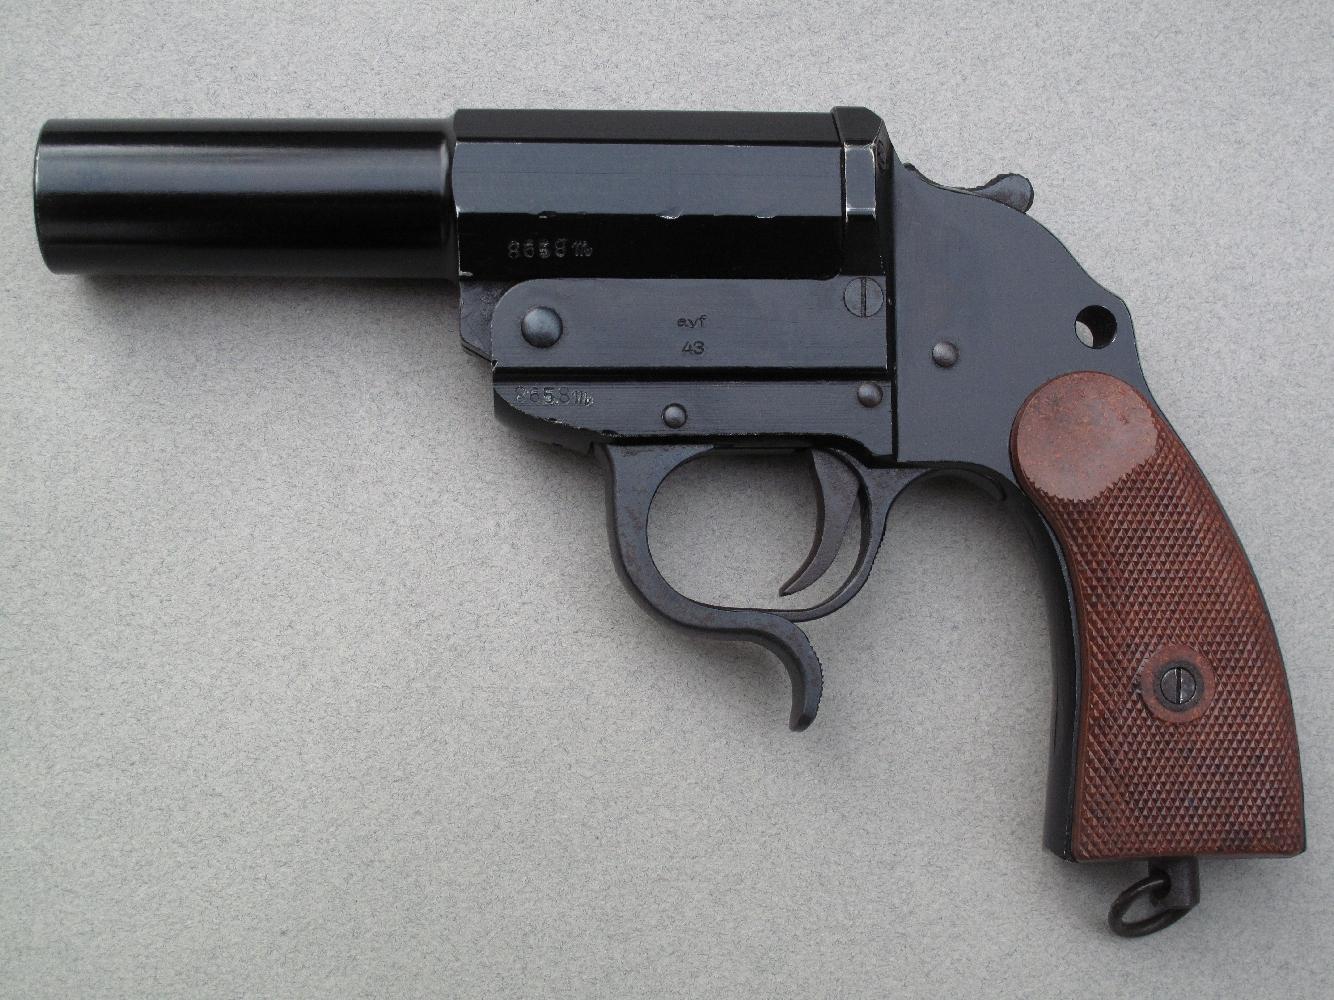 """Pistolet signaleur Heer modèle 1934 type """"Guerre"""" (Gazette des Armes N°508) fabriqué par ERMA (code de guerre """"ayf"""") en 1943. Il se démarque notamment par la présence d'un témoin de chargement, situé sur le côté gauche du rempart."""